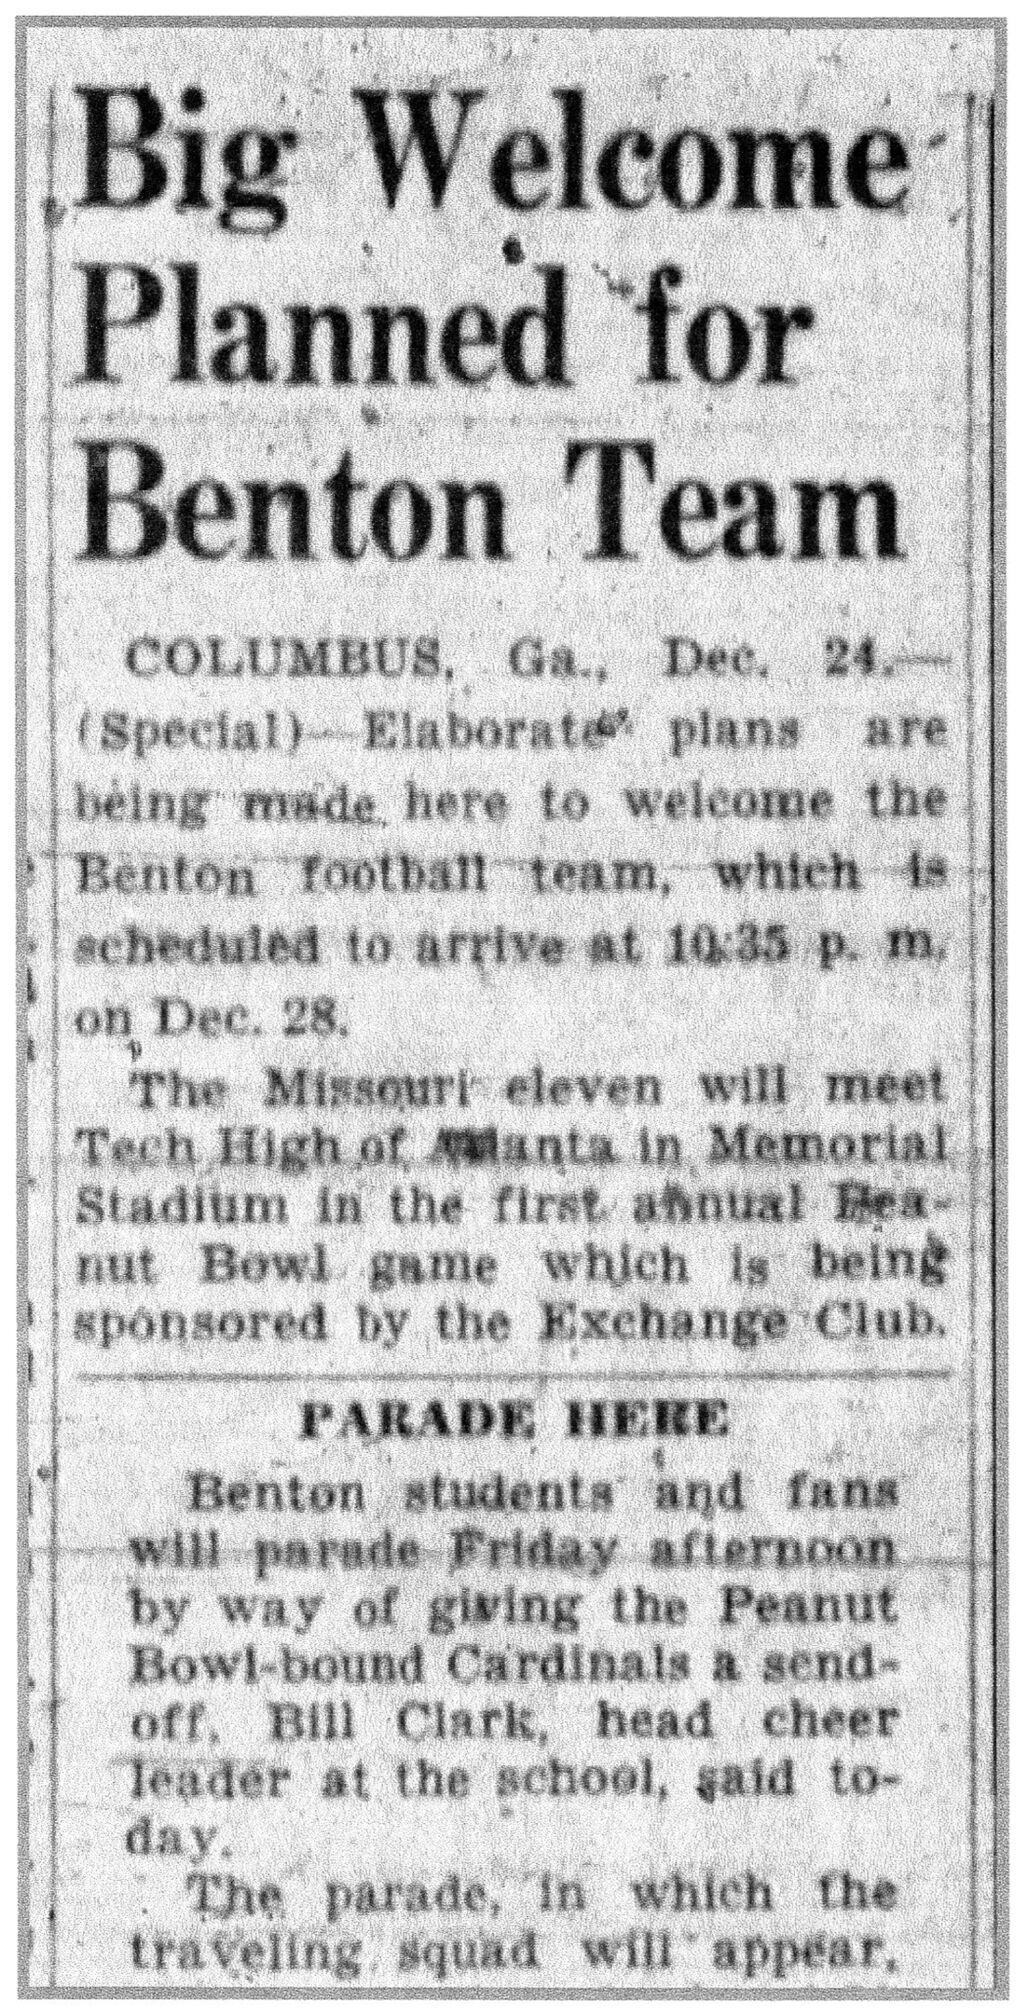 Benton football